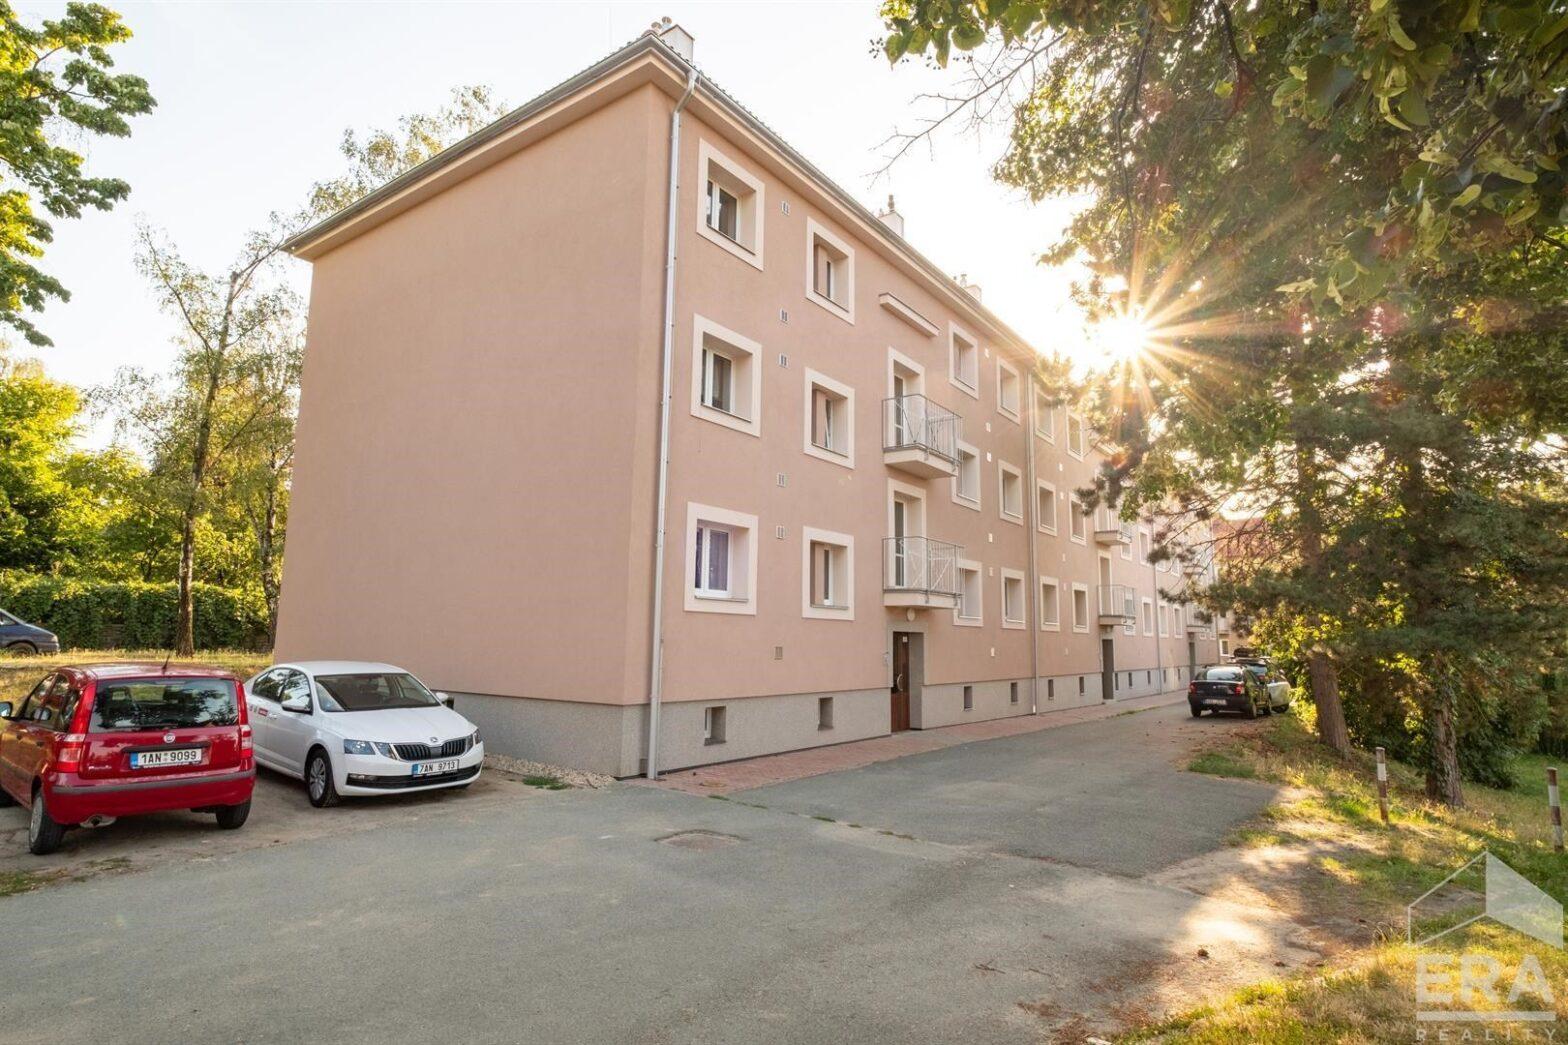 Zděný byt 2+1 s balkónem, Kolín II, klidná ulice